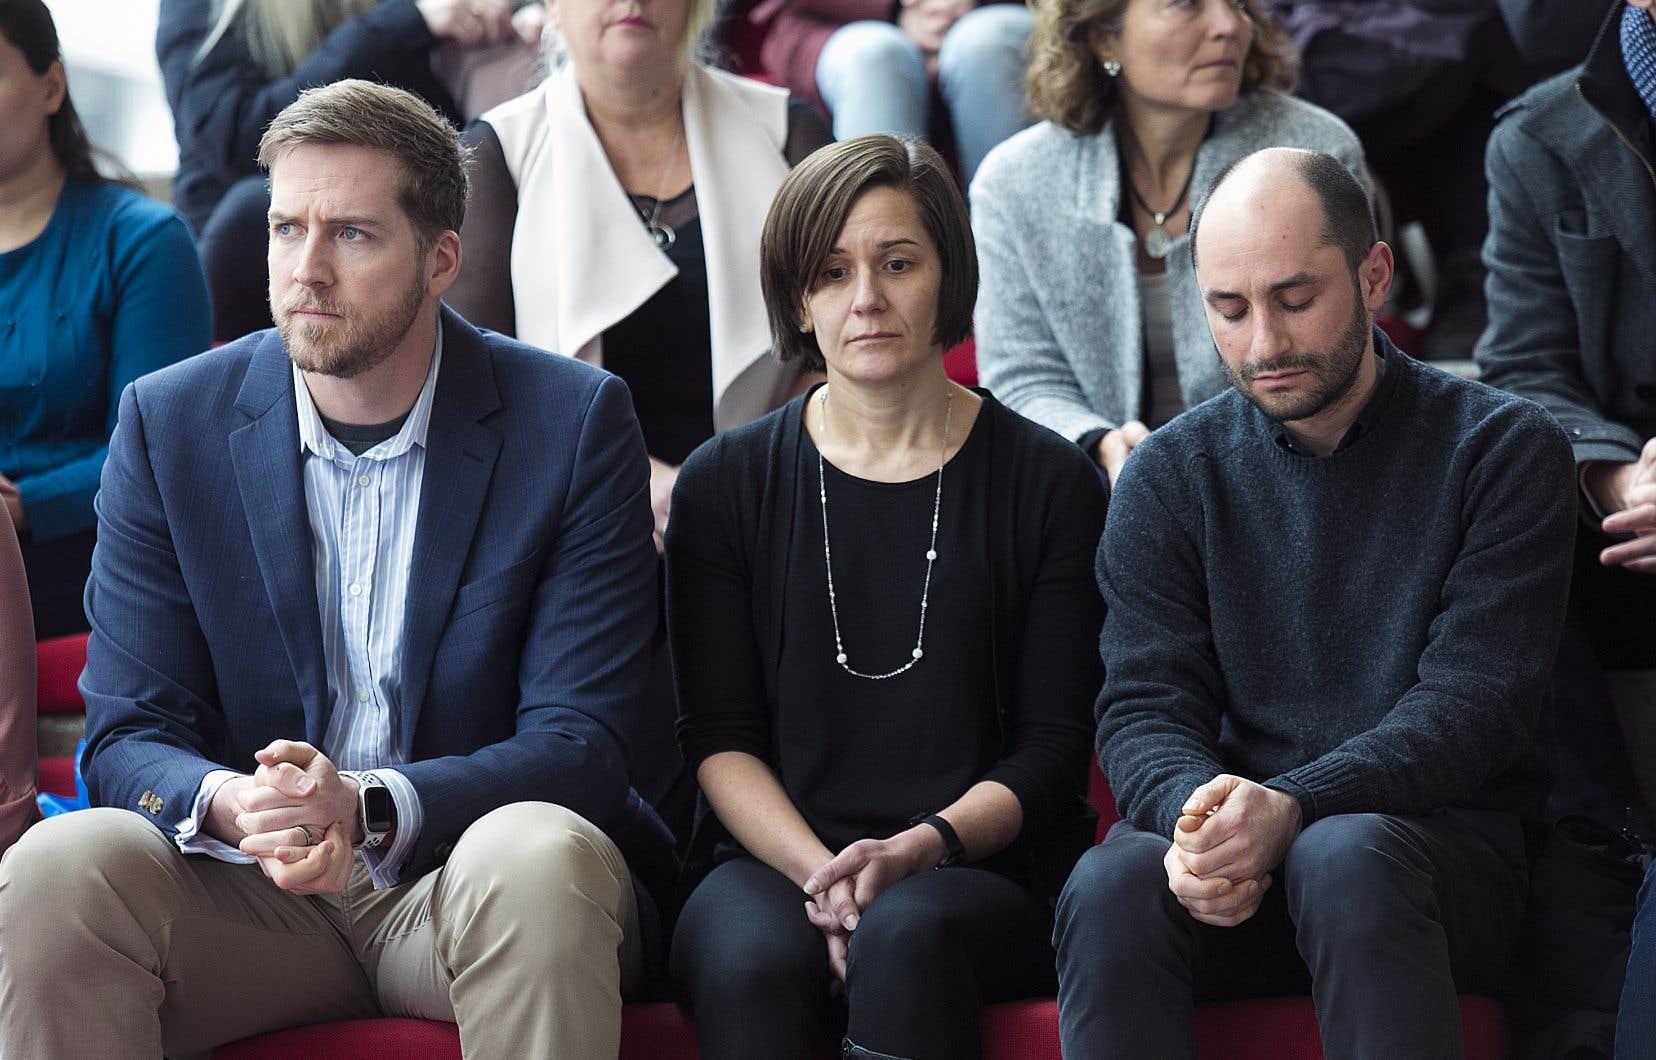 À Montréal, les étudiants et le personnel de l'École de technologie supérieure ont aussi observé une minute de silence. Danielle Monfet (au centre) a dirigé la thèse de doctorat de l'une des victimes de l'écrasement d'avion.